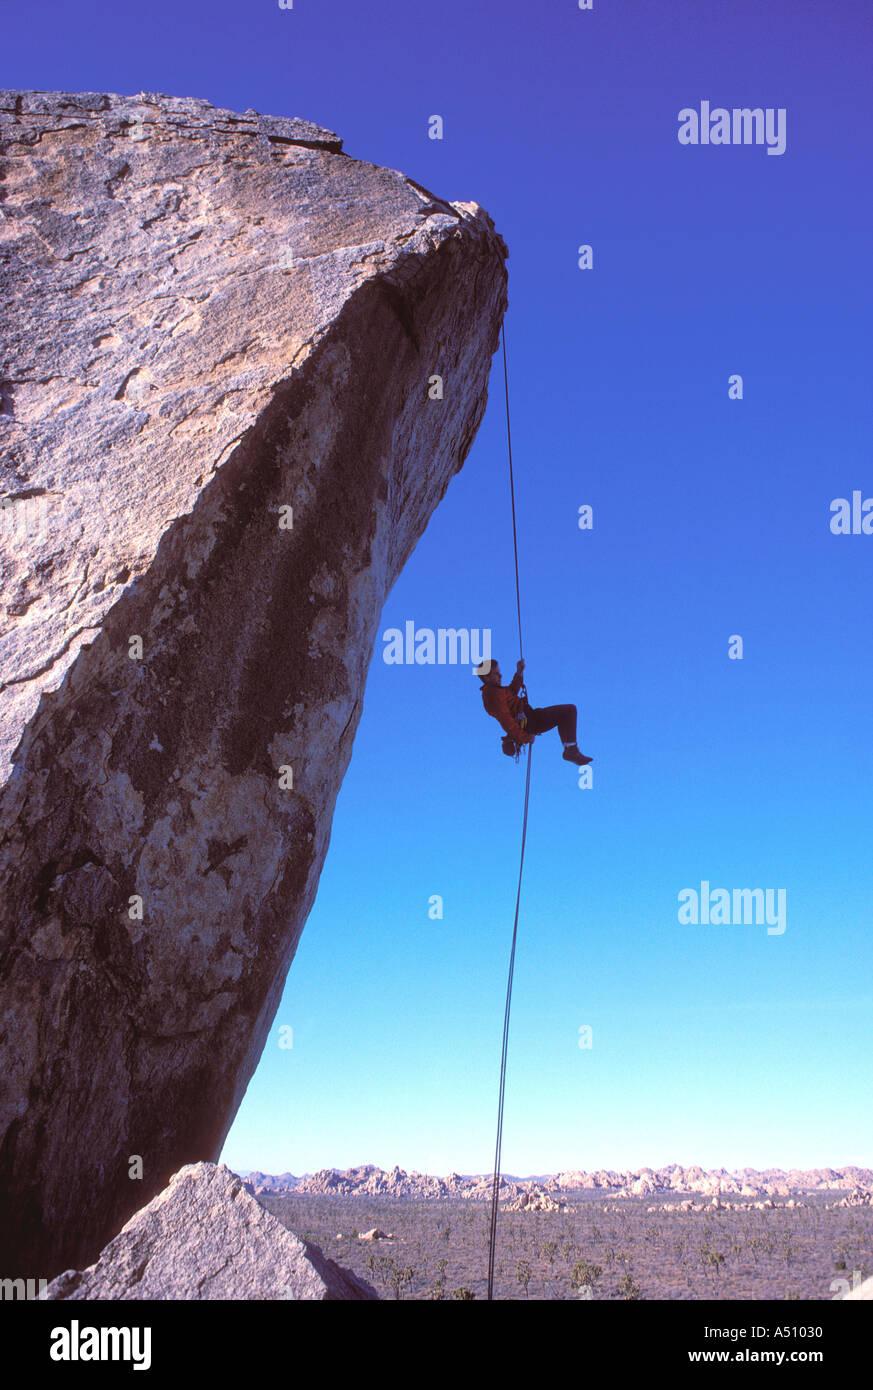 Climing rock man rappeling off rock avec en arrière-plan du paysage désertique Joshua Tree California USA Photo Stock